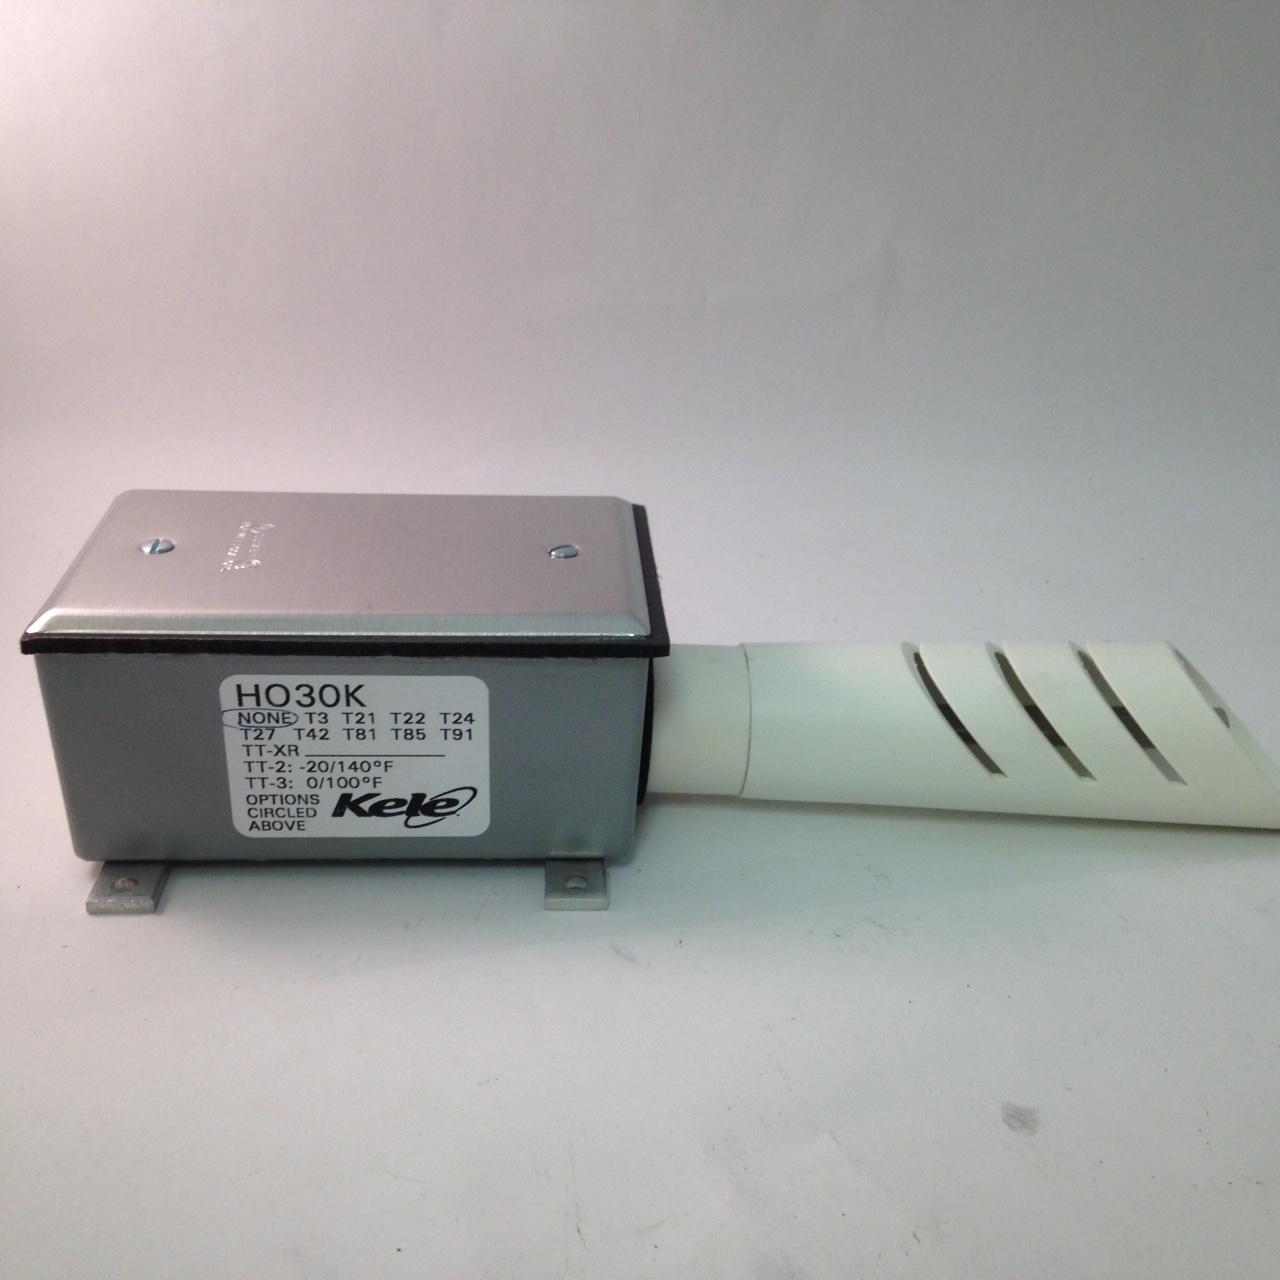 Kele H030K Humidity Transmitter, used